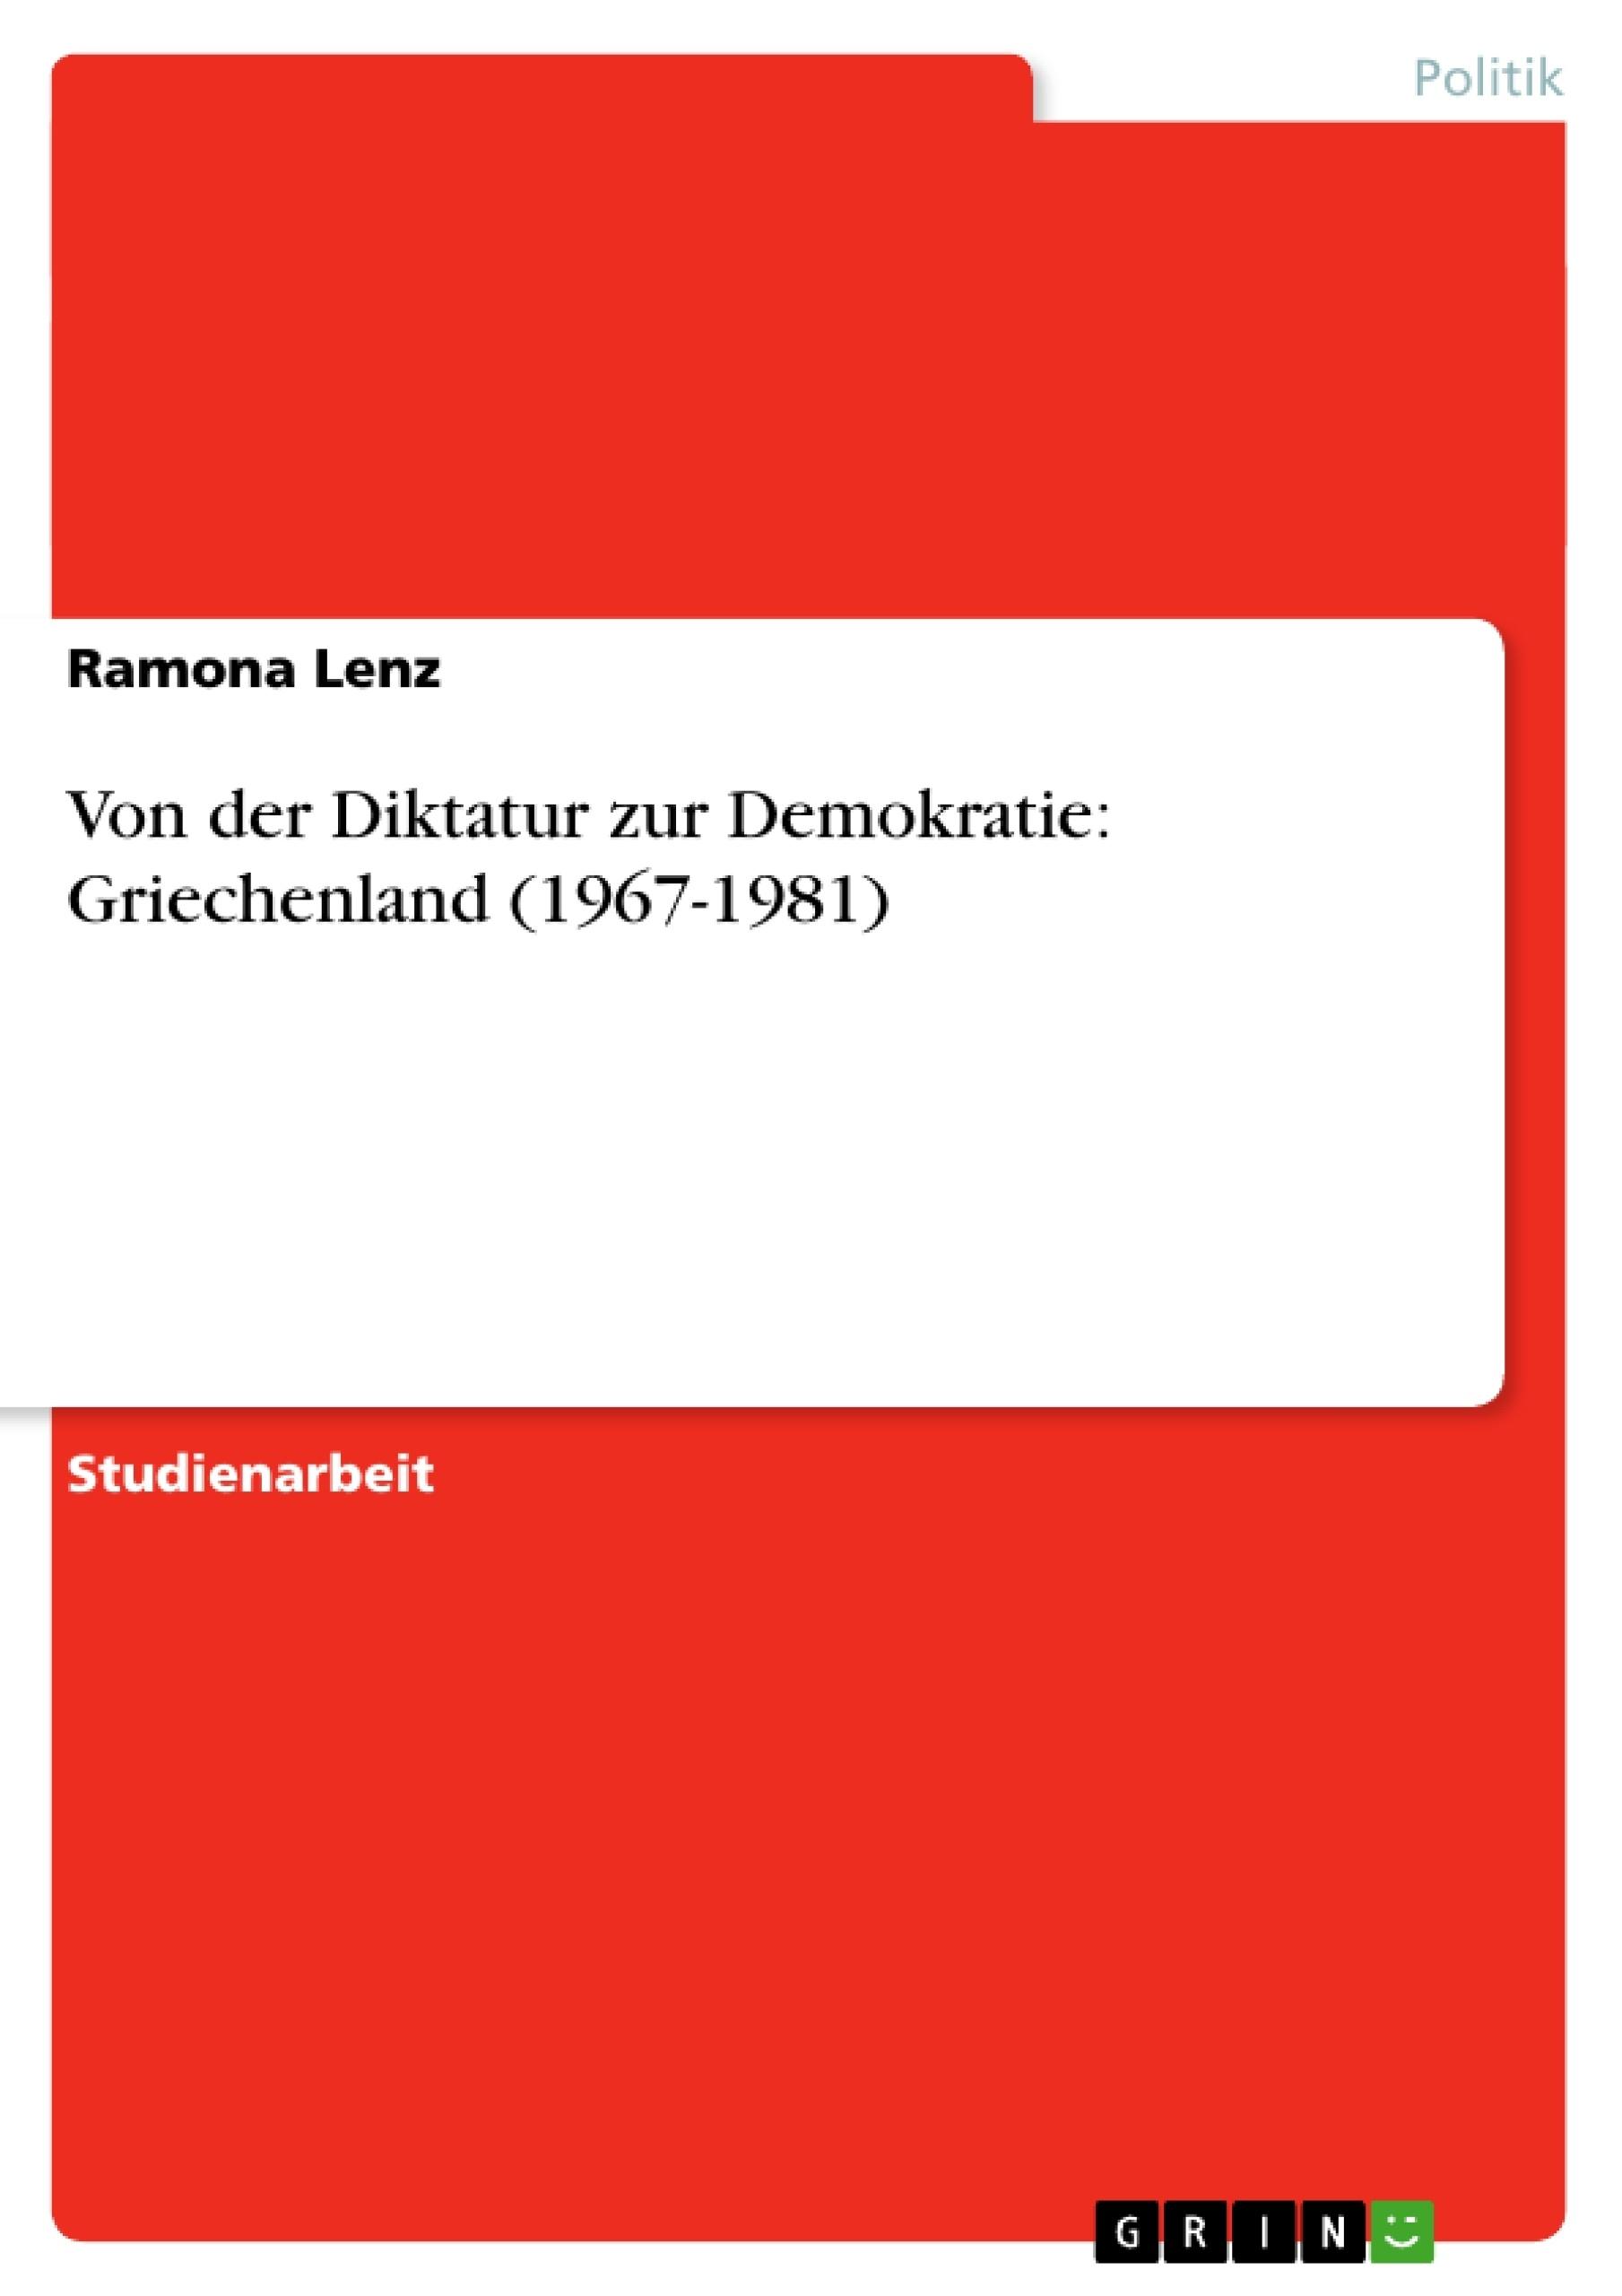 Titel: Von der Diktatur zur Demokratie: Griechenland (1967-1981)